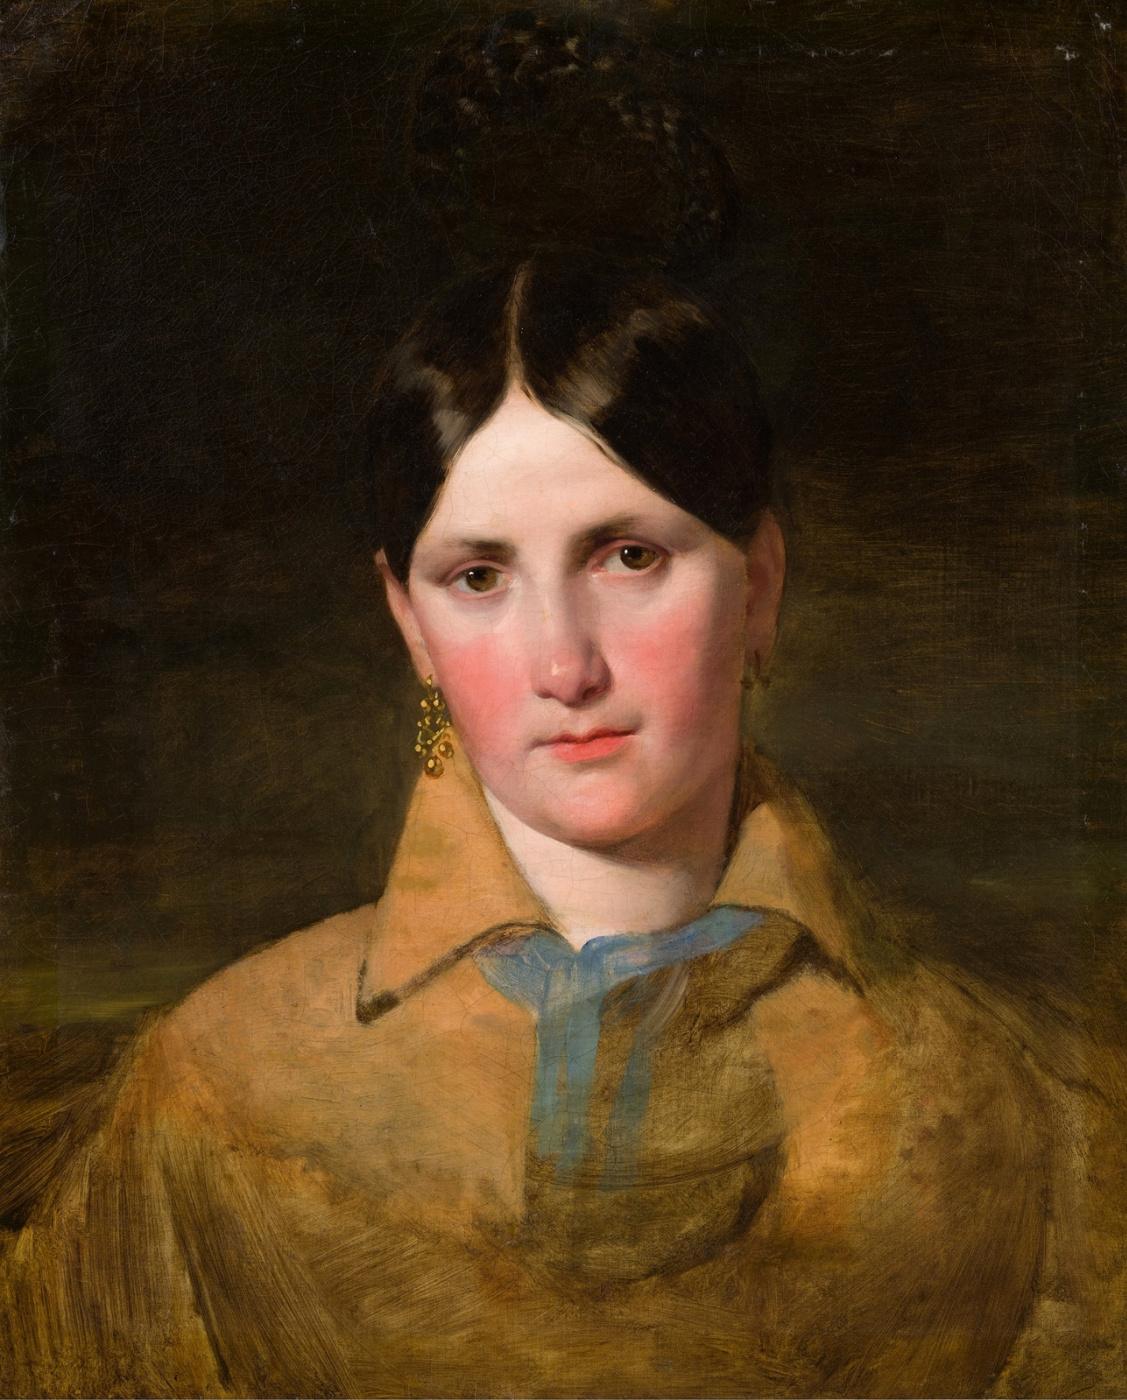 Friedrich von Amerling. Portrait of Antonia von Kaltenthaler, the first wife of Amerling. 1840